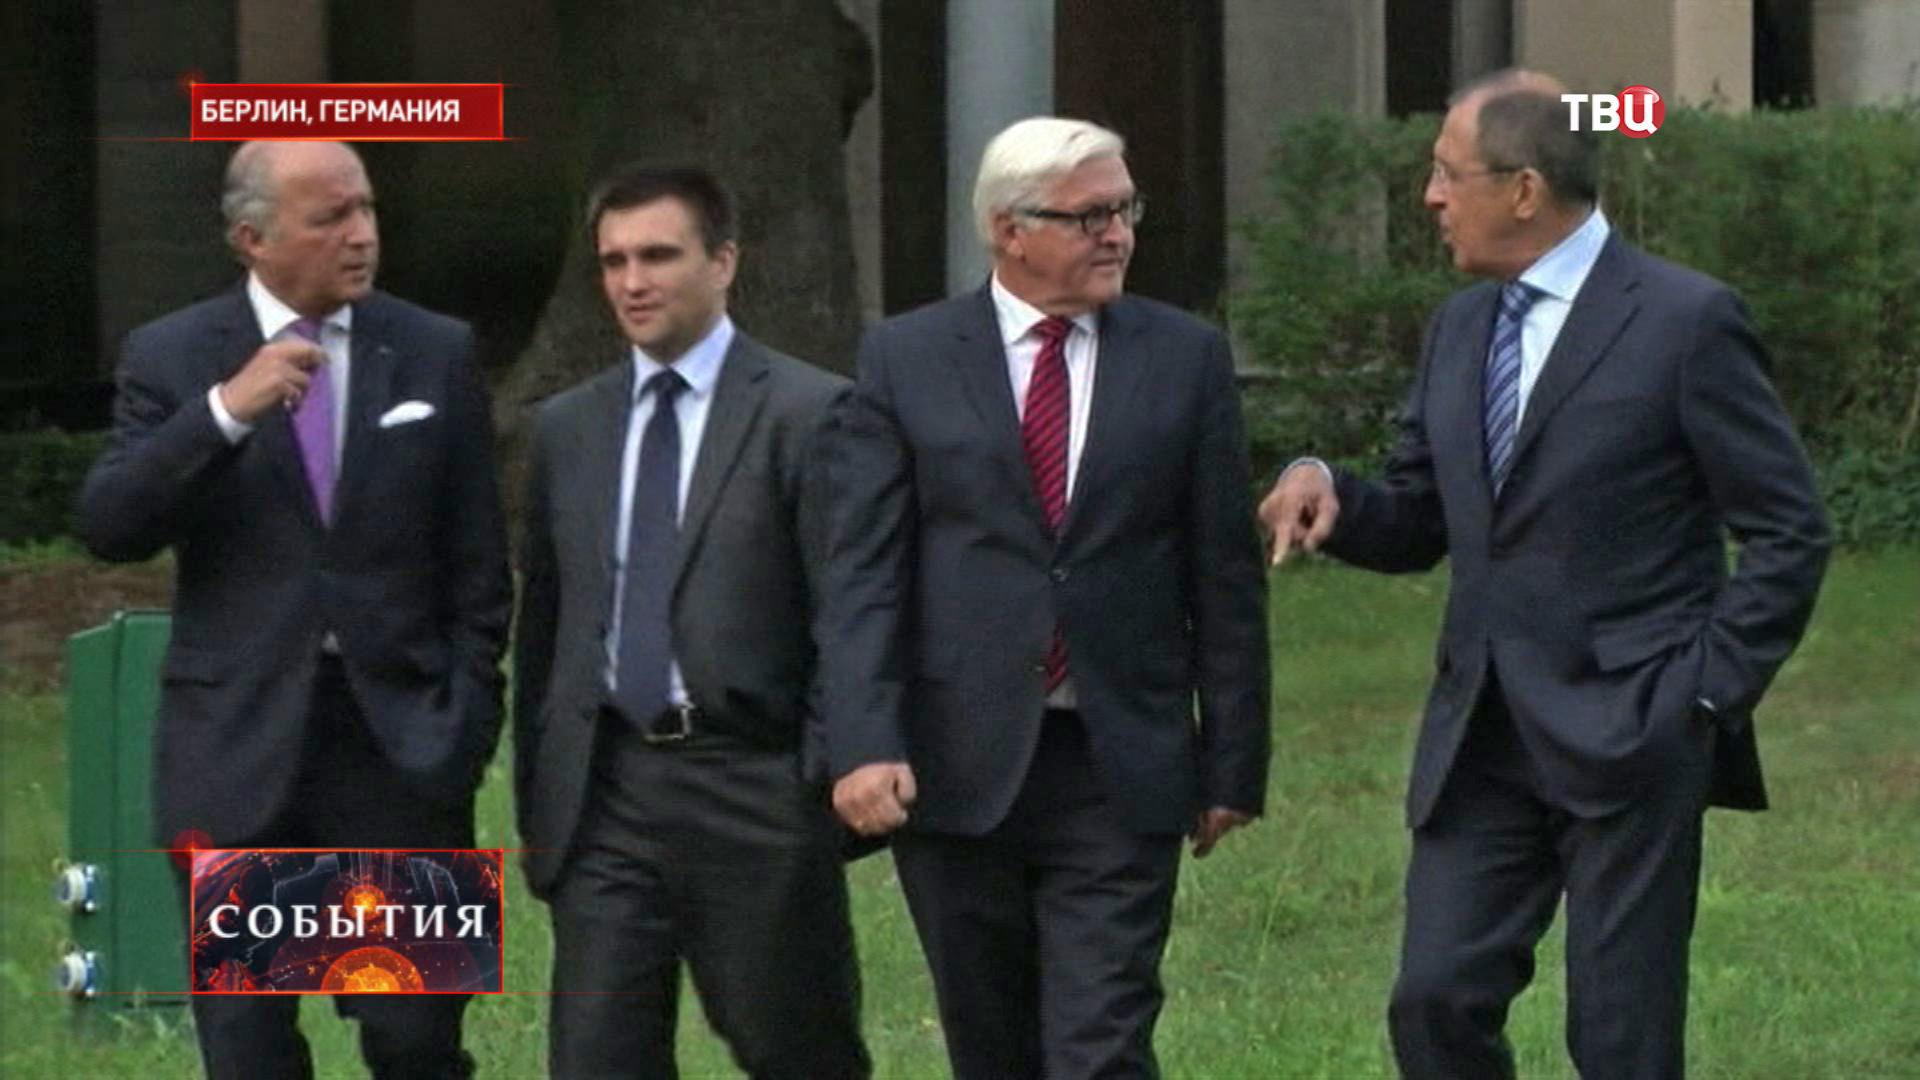 Четырёхсторонние переговоры министров иностранных дел России, Украины, Германии и Франции